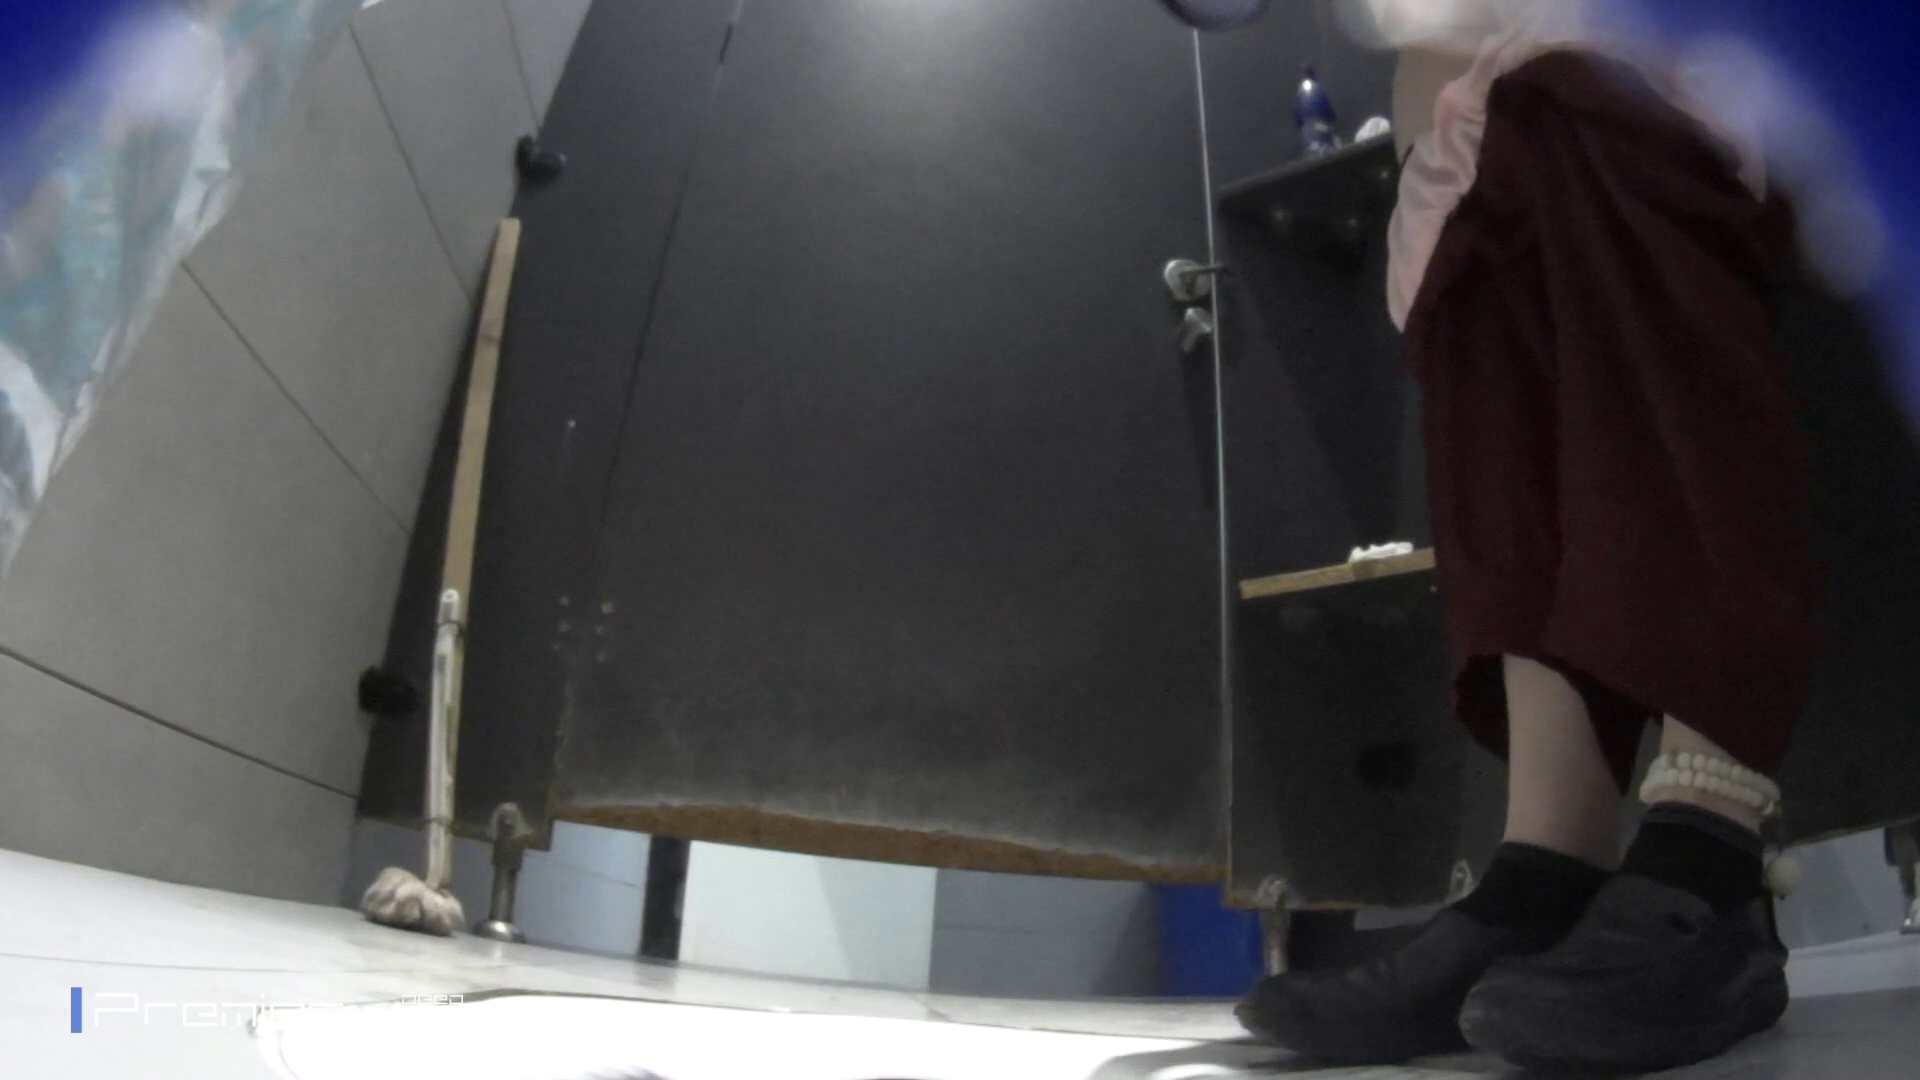 フロントから丸見え! 大学休憩時間の洗面所事情60 高評価 オマンコ動画キャプチャ 96枚 75